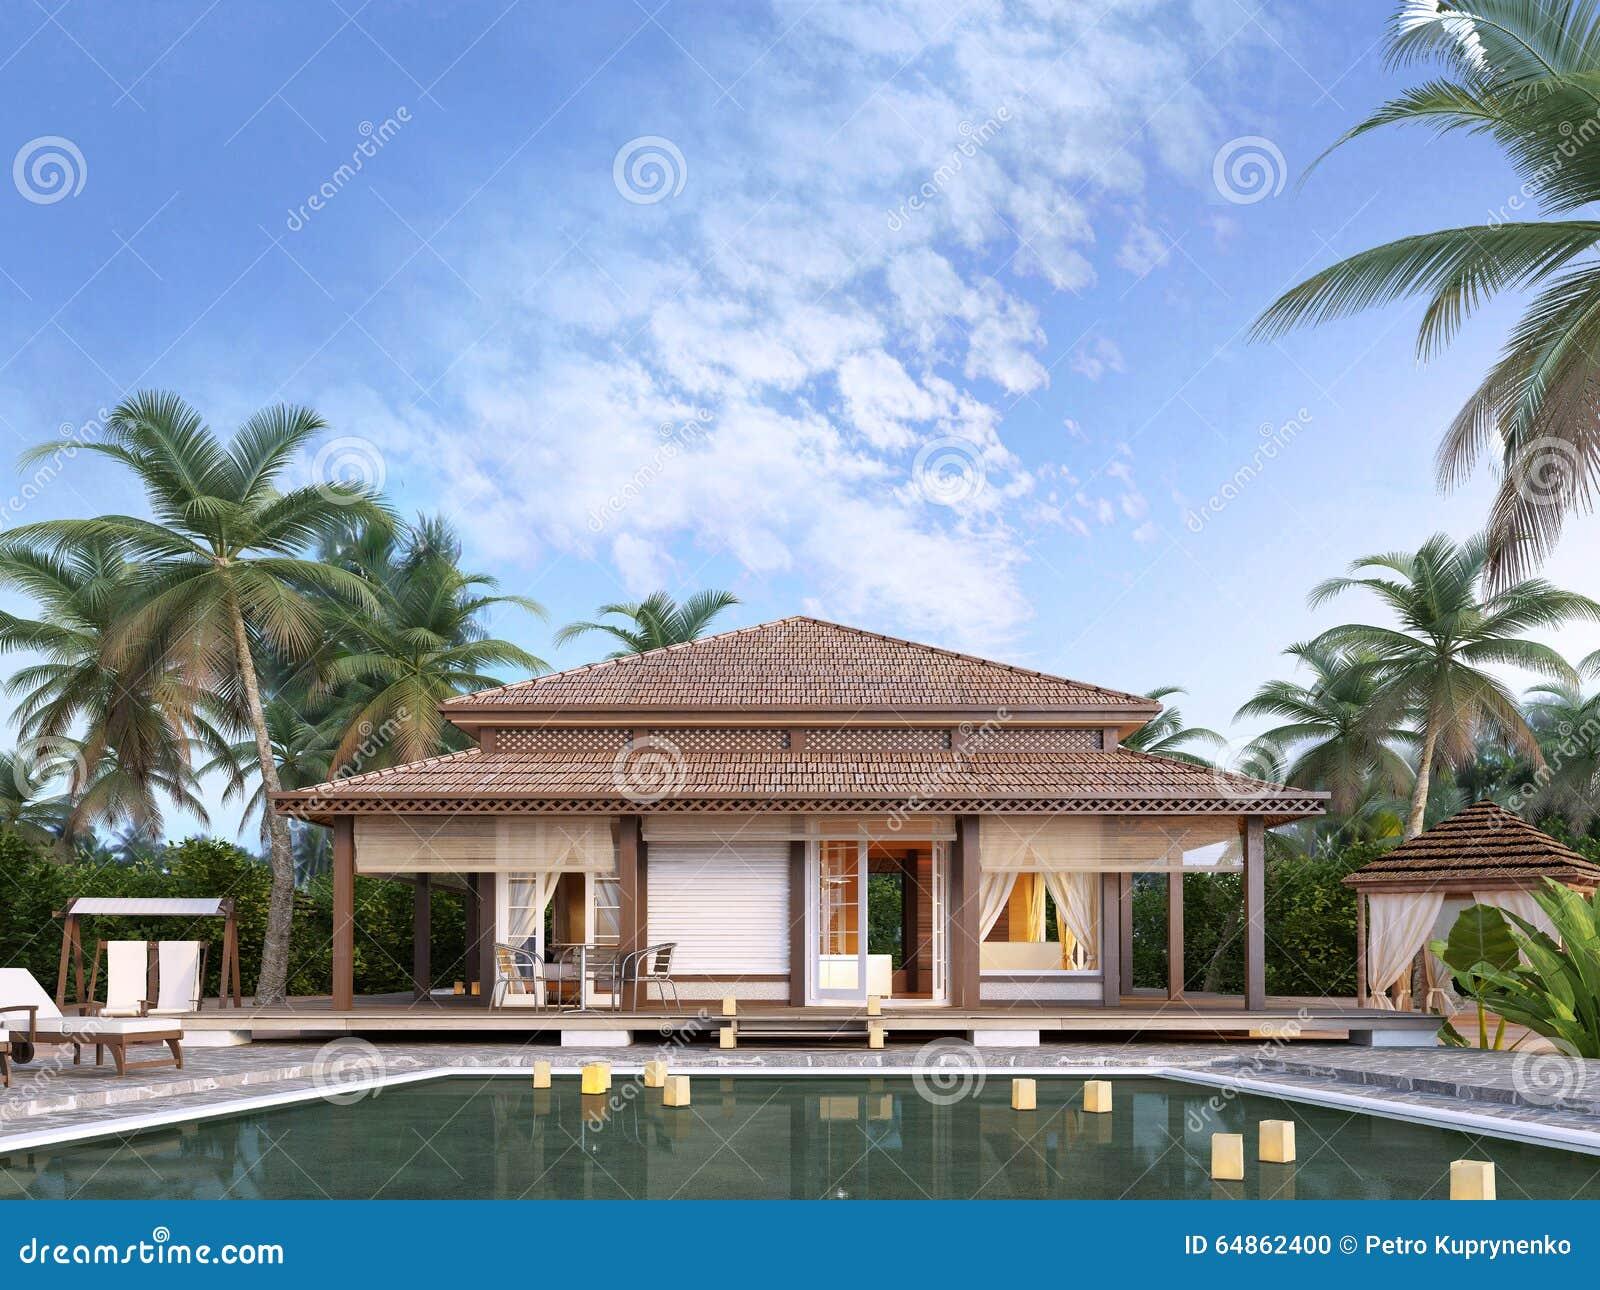 Casas de planta baja de lujo grandes en las islas foto de archivo imagen 64862400 - Fotos de casas de planta baja ...